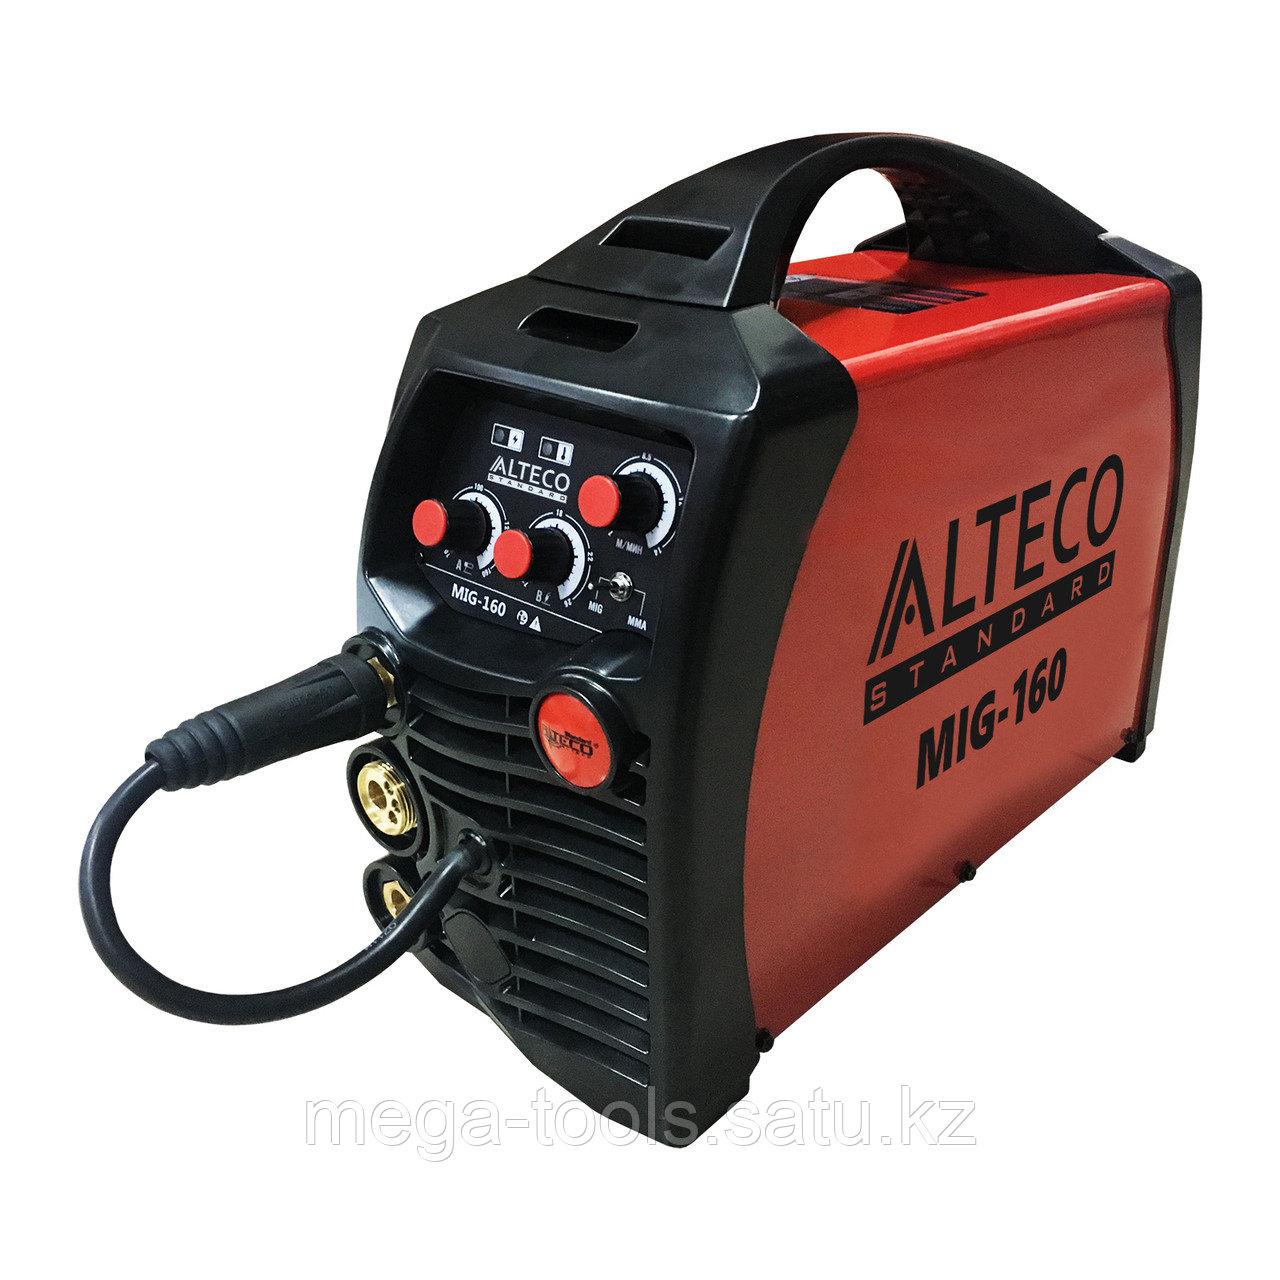 Сварочный аппарат ALTECO MIG 160